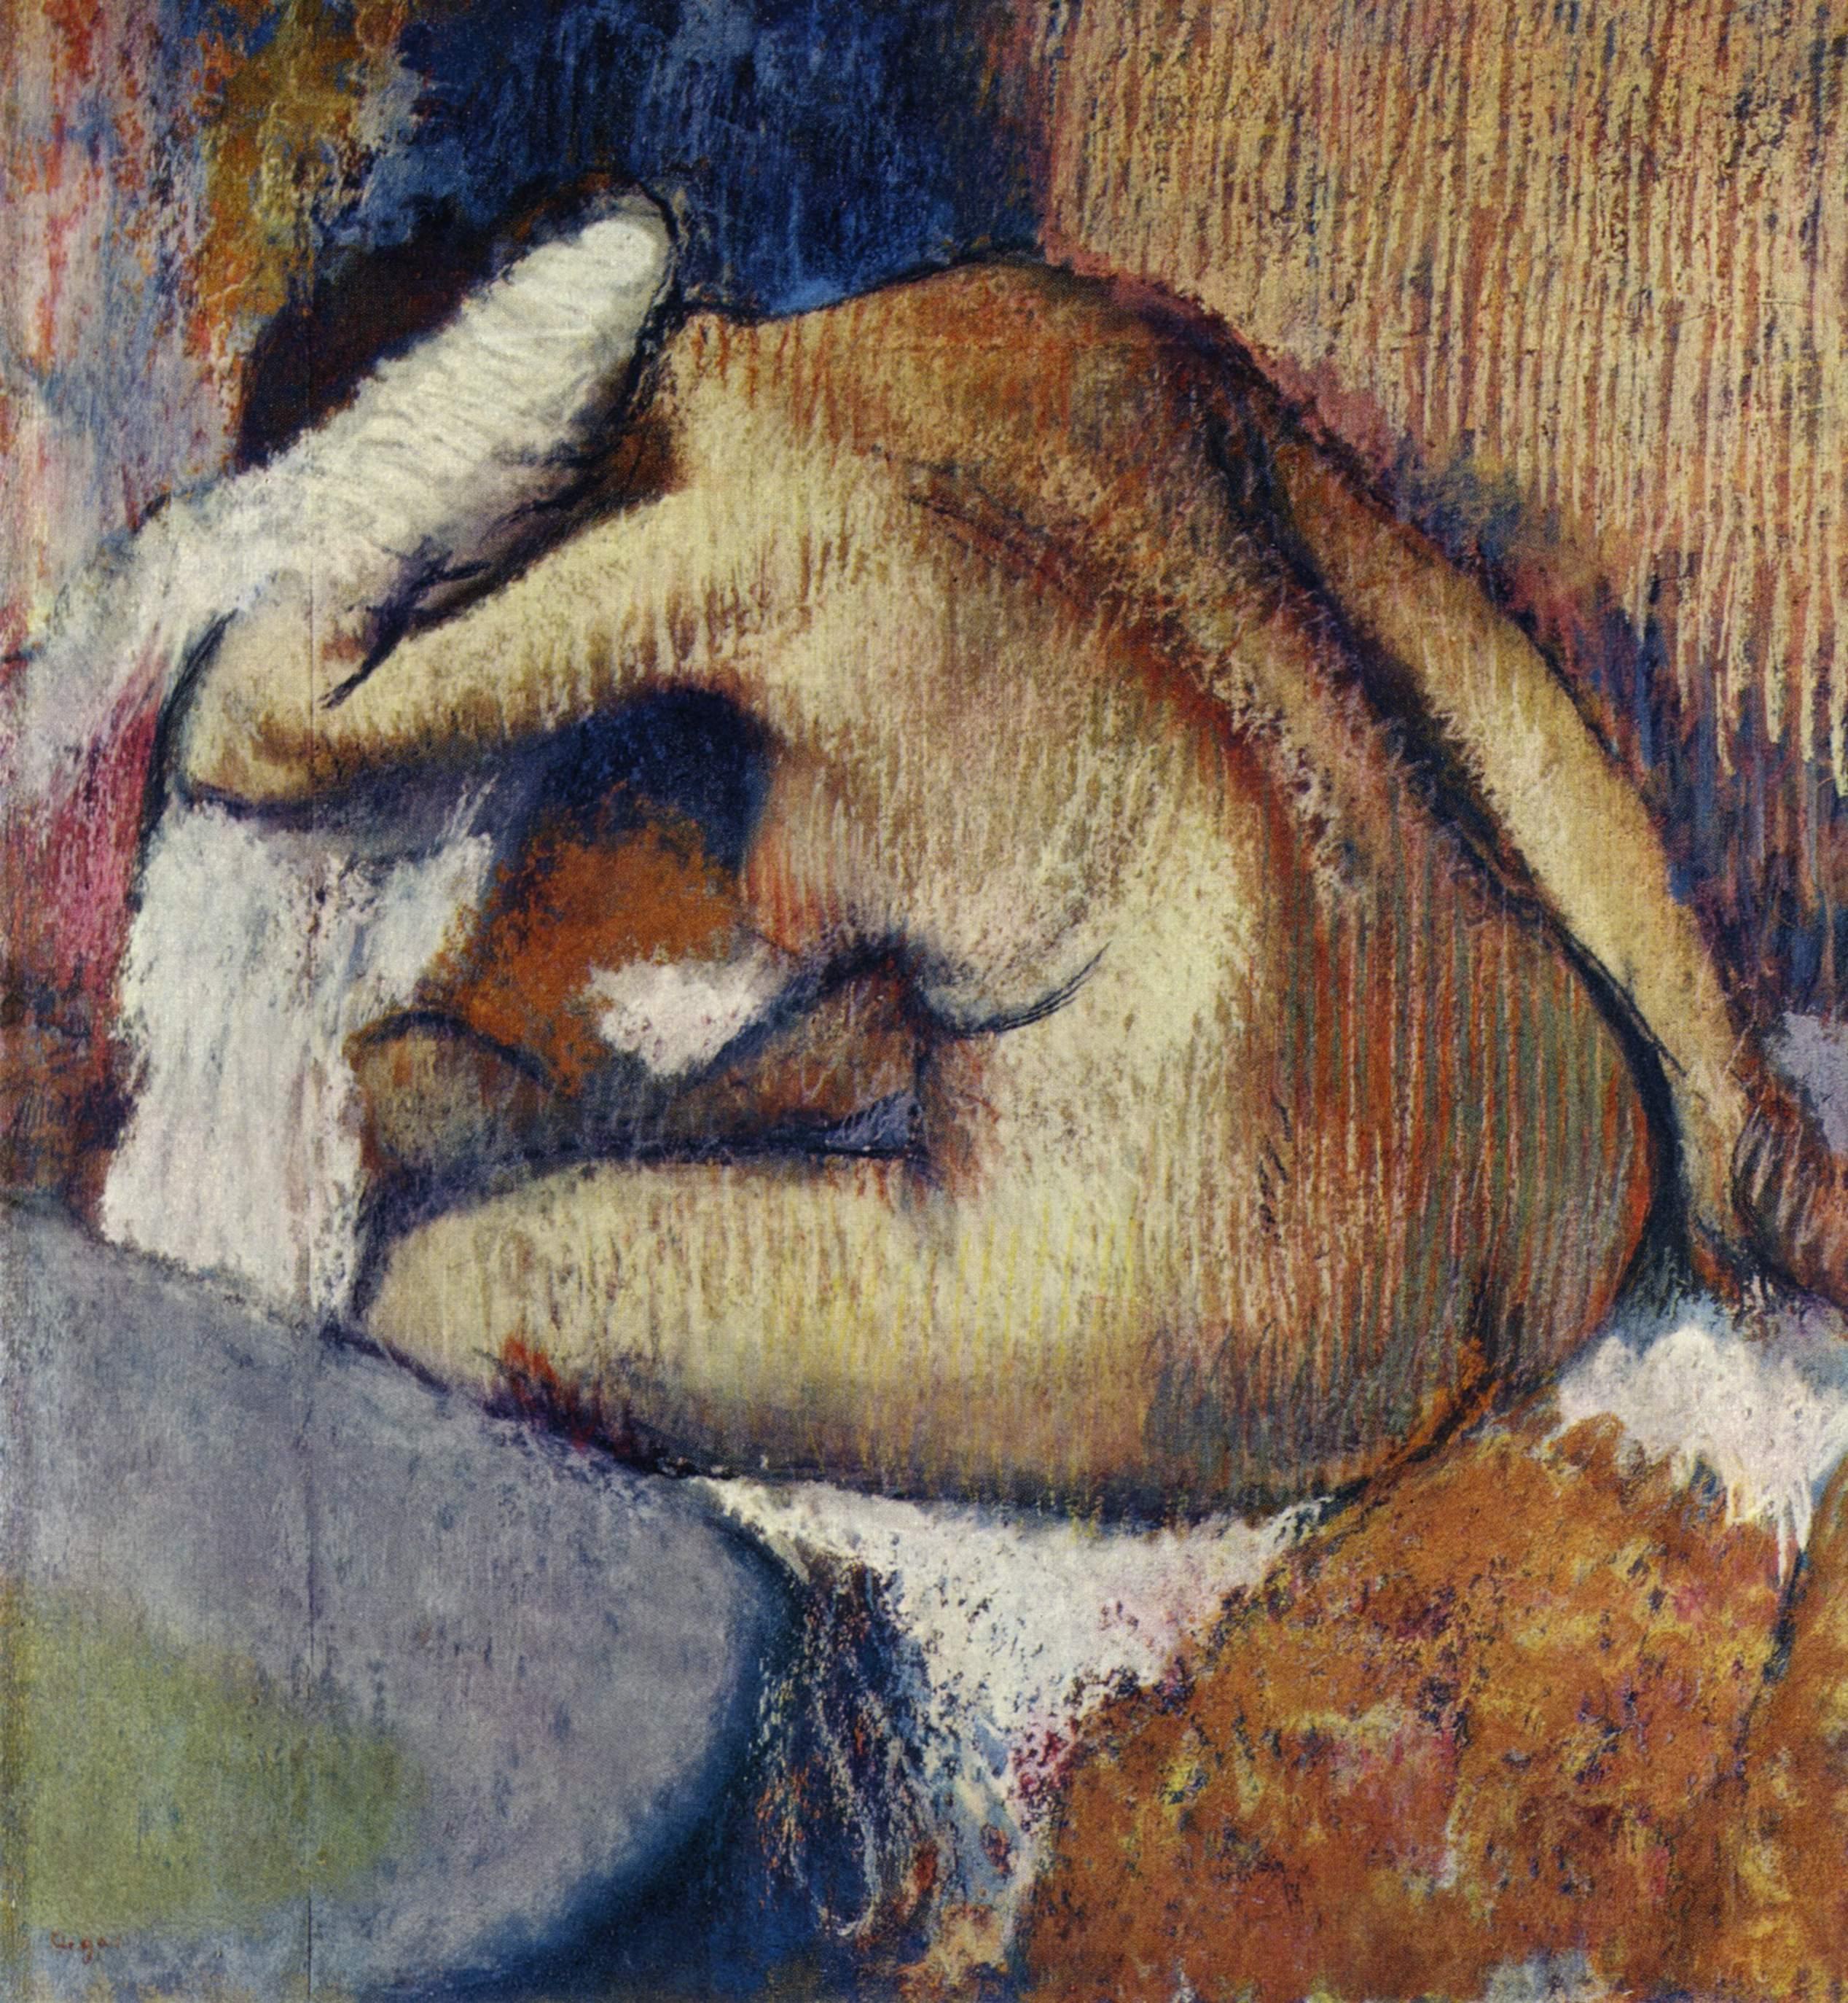 Женщина, вытирающаяся после мытья, Эдгар-Жермен - Илер Дега